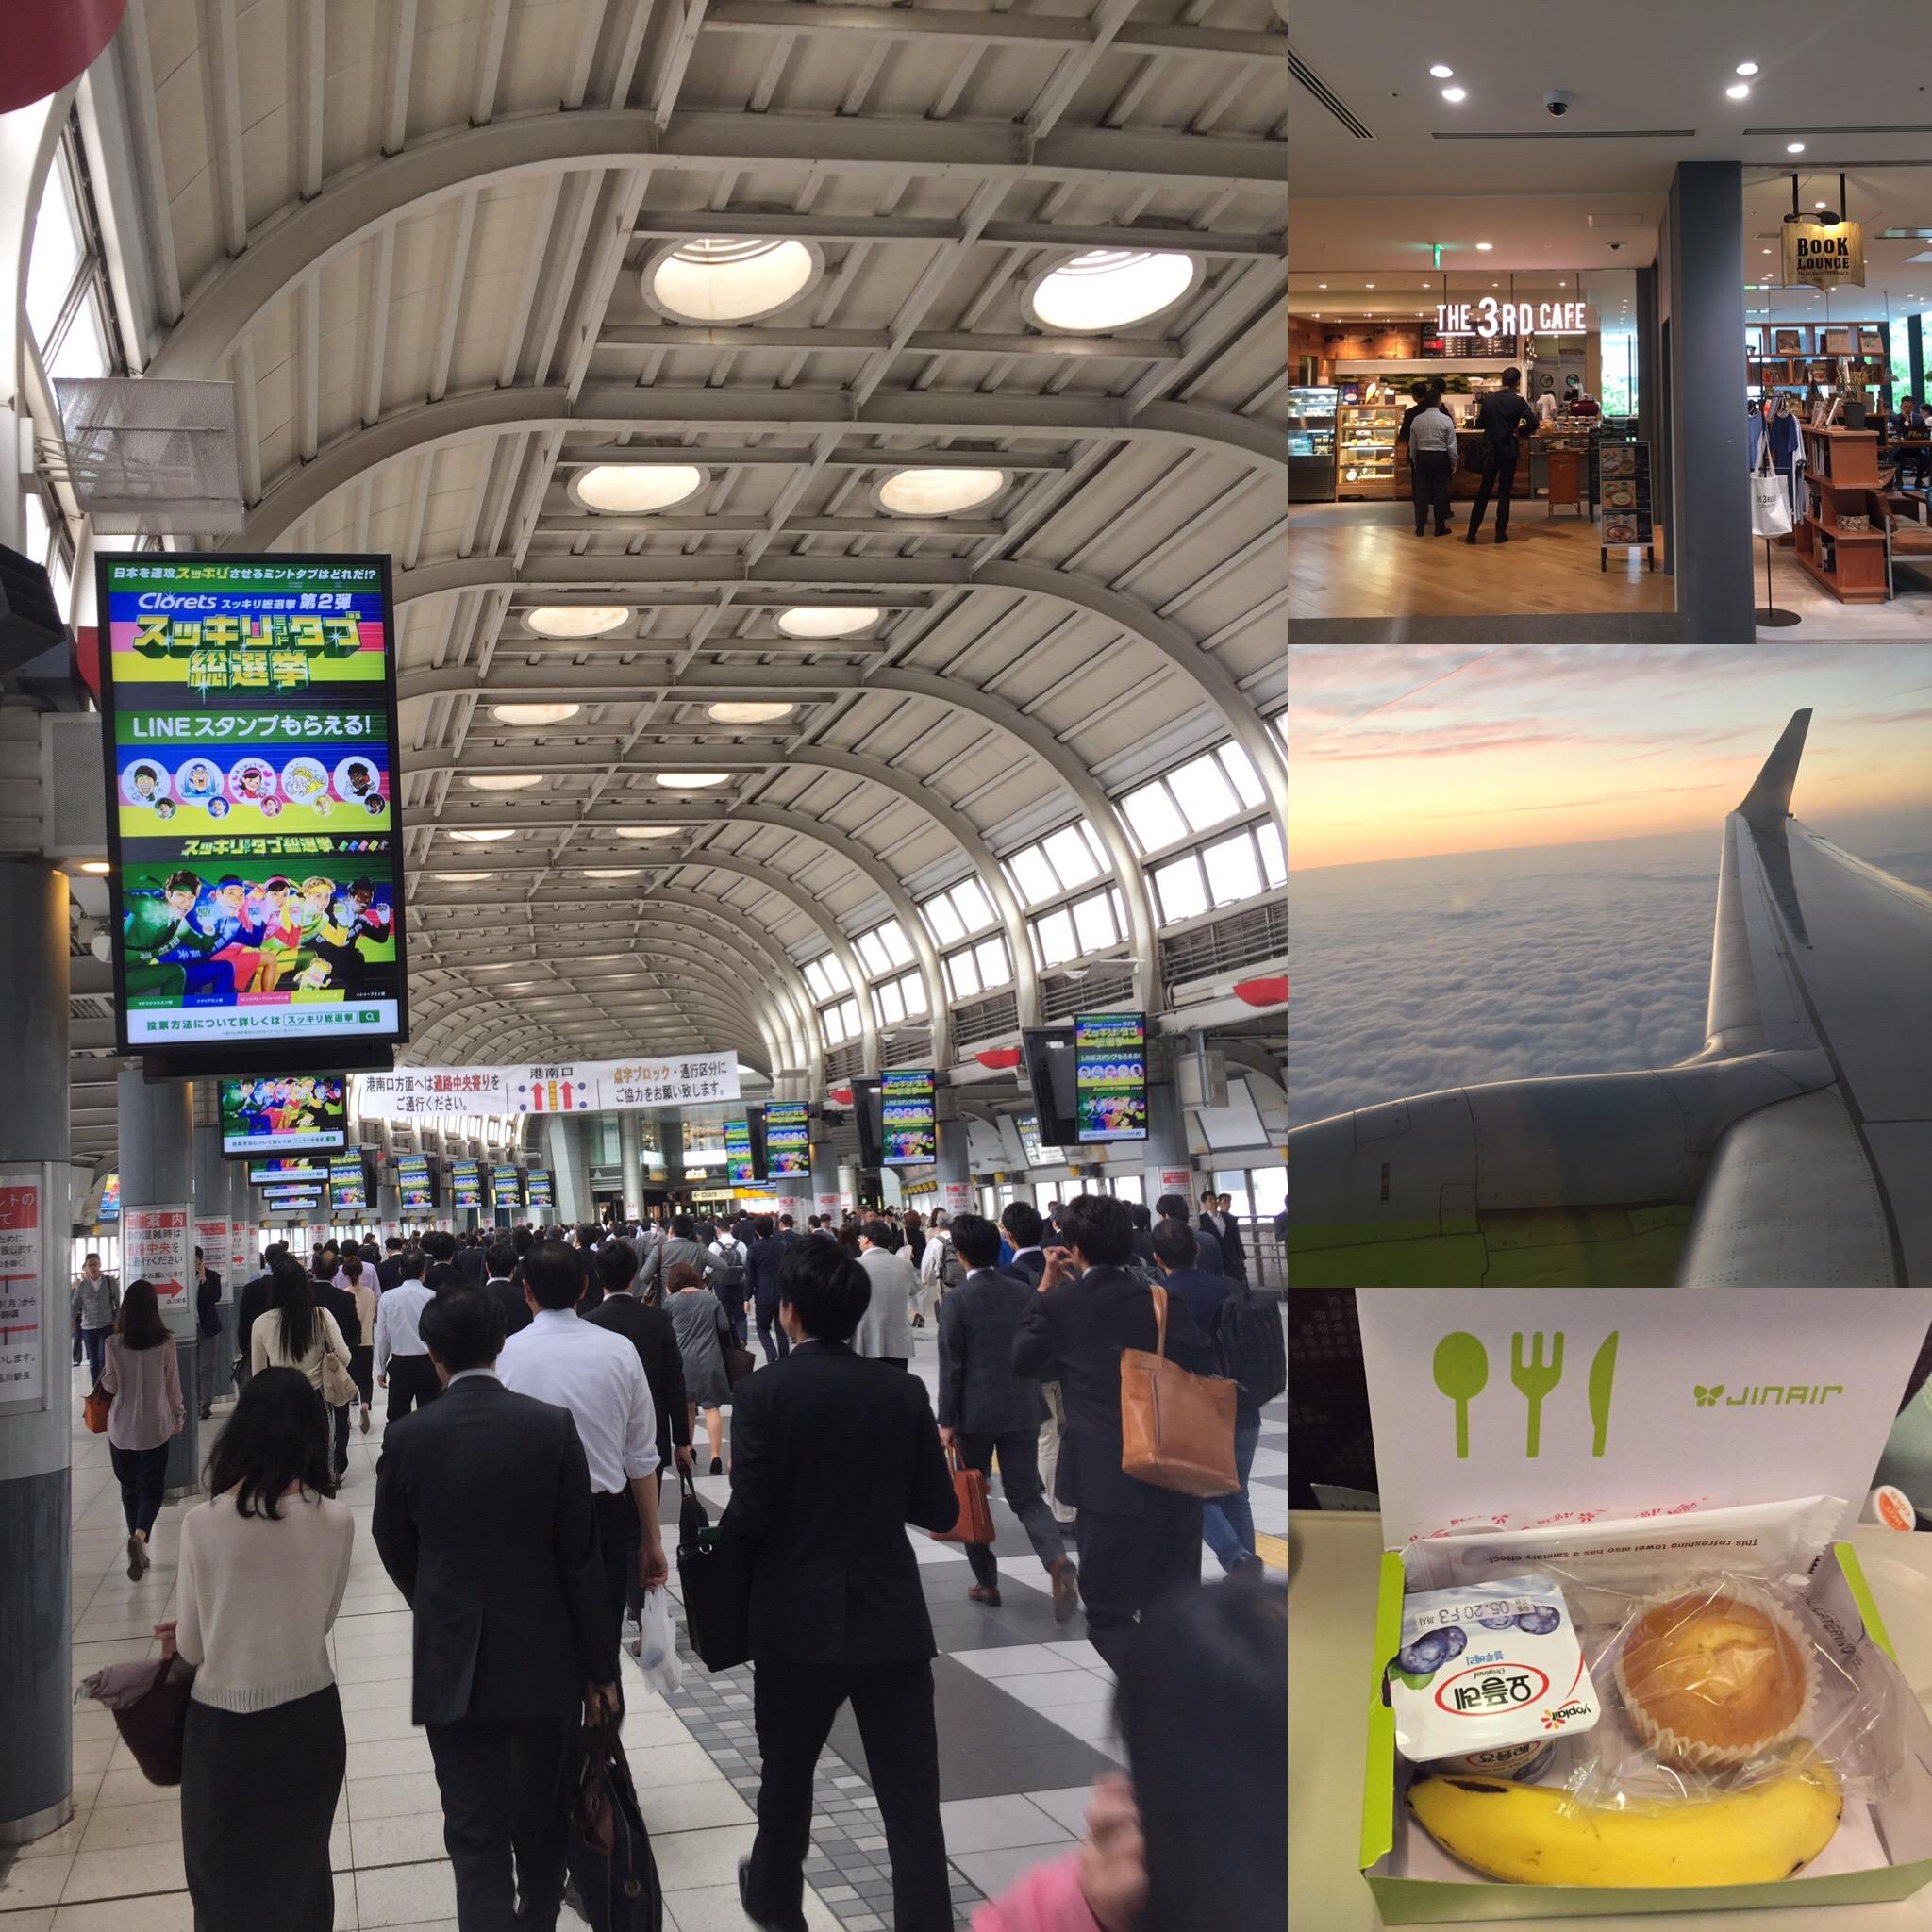 【東京2泊3日】品川シーズンテラスのカフェ、成田空港からジンエアーでのソウルまでの移動が快適だった話。